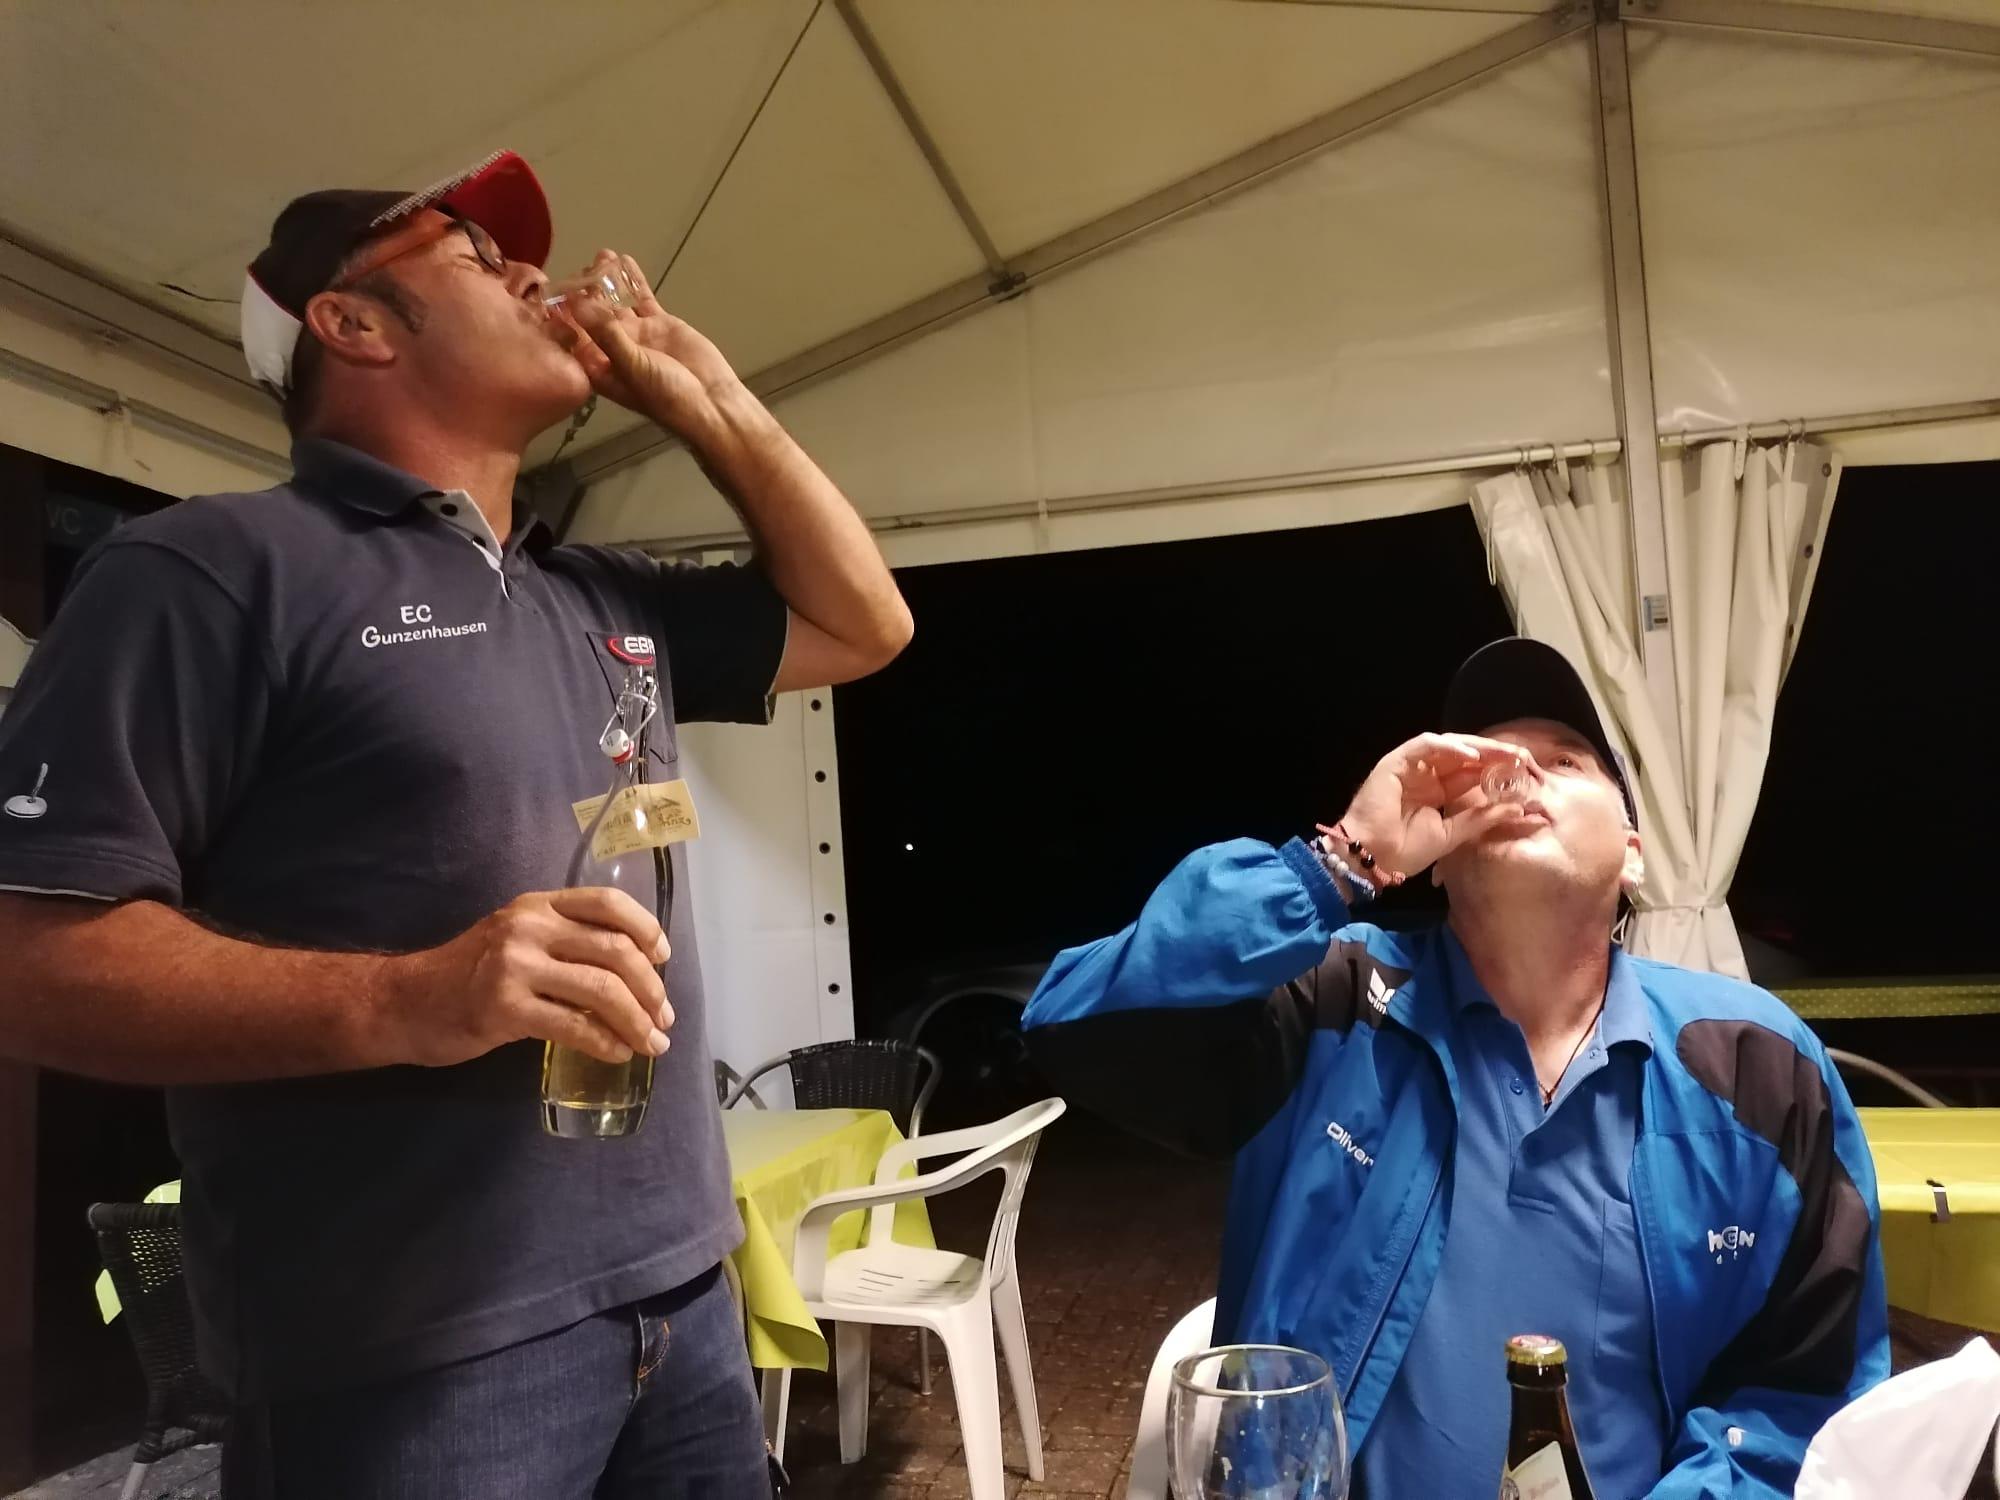 Udo mit Oliver beim Nusserl trinken